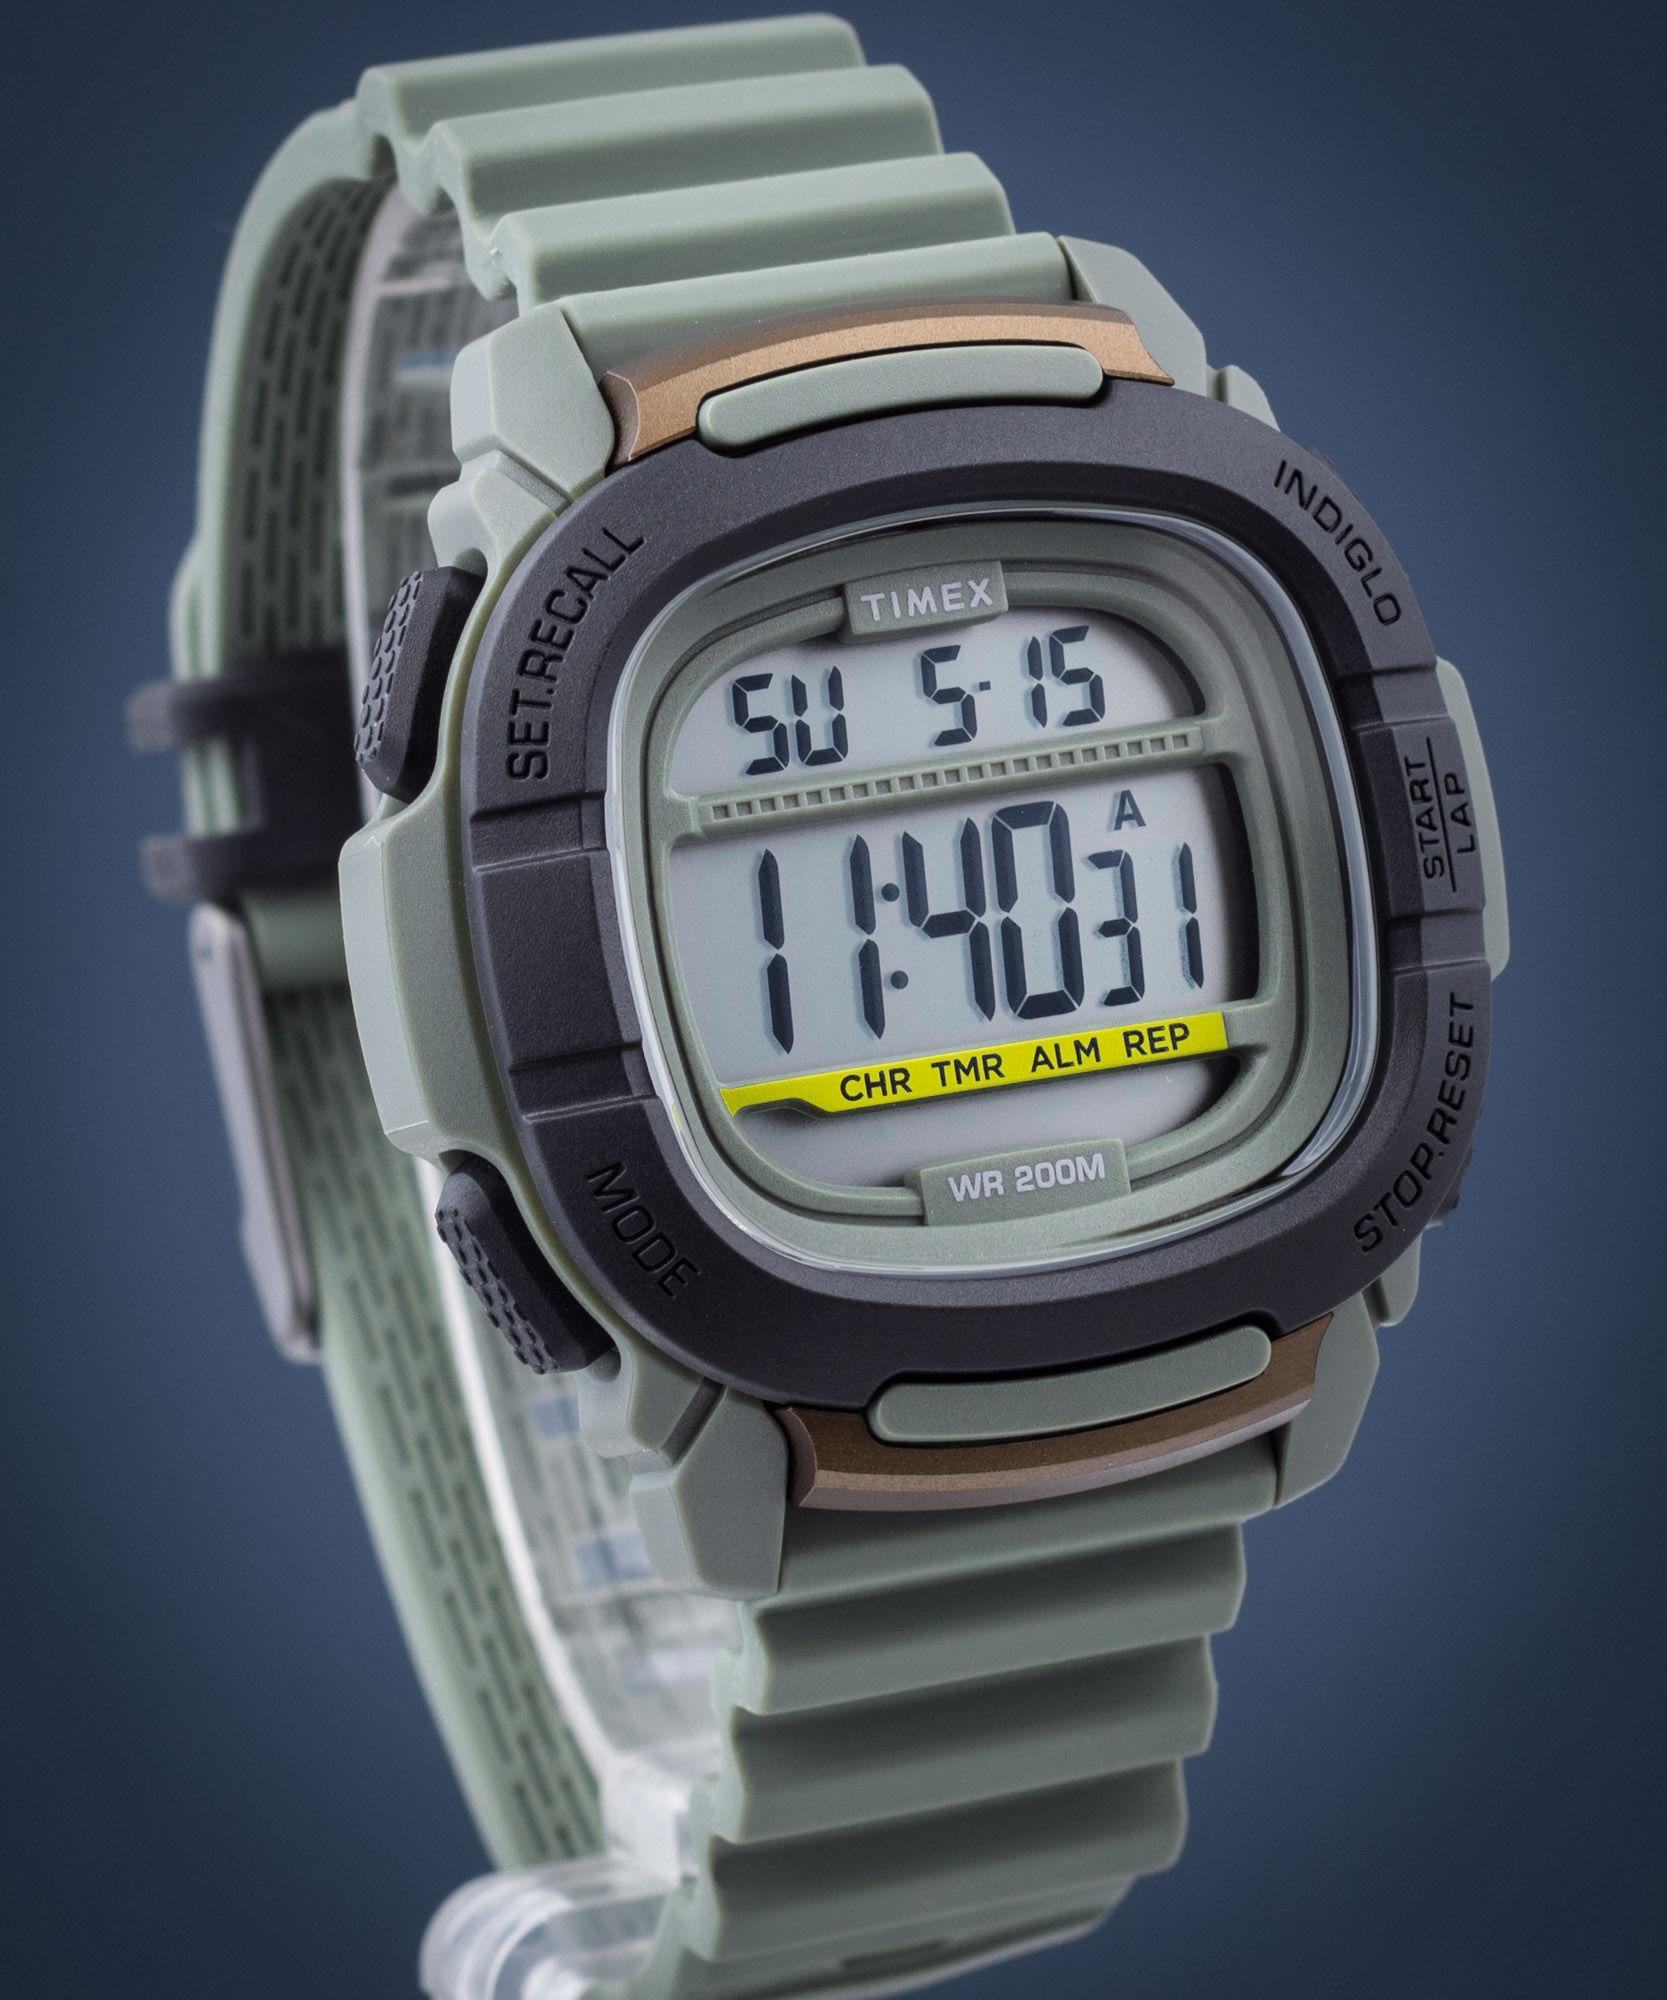 Timex TW5M36000 > Wysyłka tego samego dnia Grawer 0zł Darmowa dostawa Kurierem/Inpost Darmowy zwrot przez 100 DNI